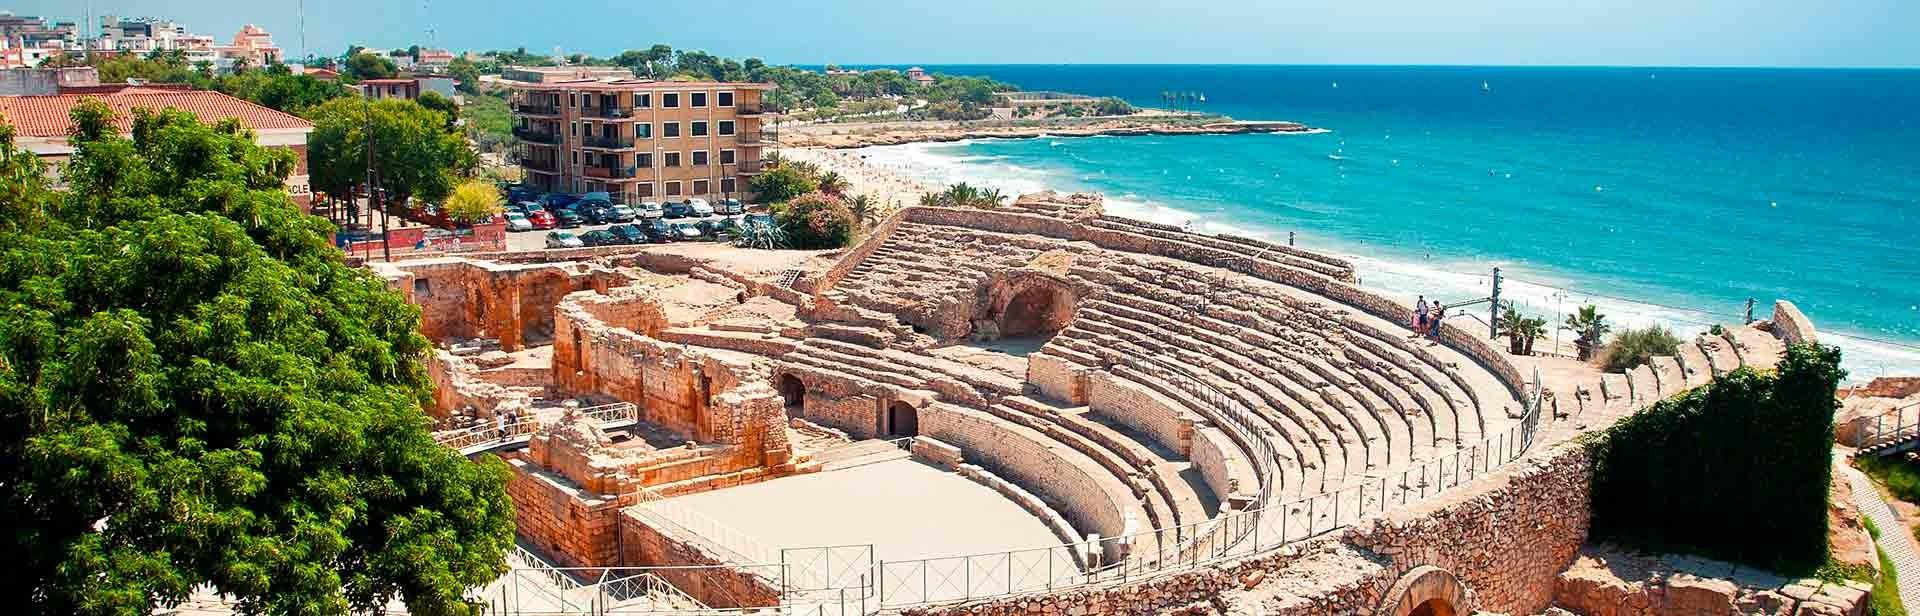 Oferta en Todo incluido en Tarragona